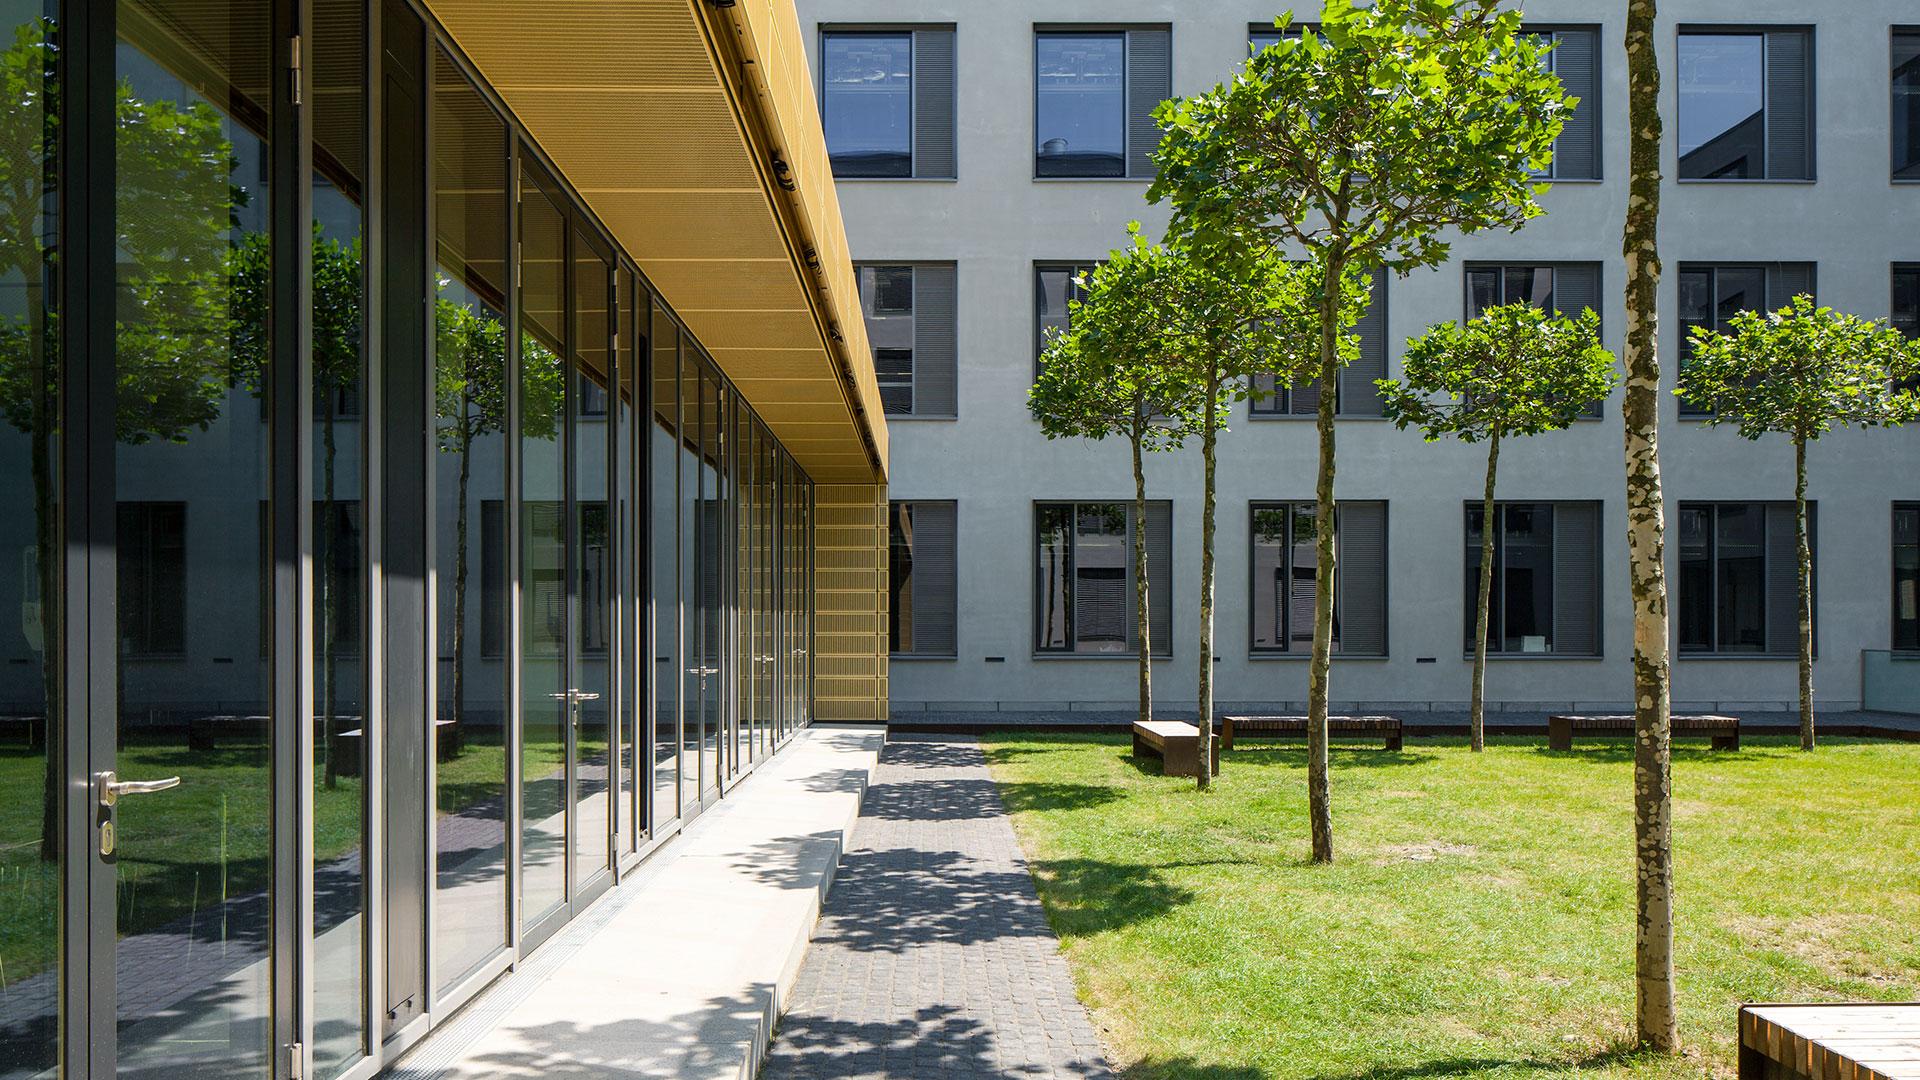 Physikalisches Institut Heidelberg 4 - ArGe Architekten